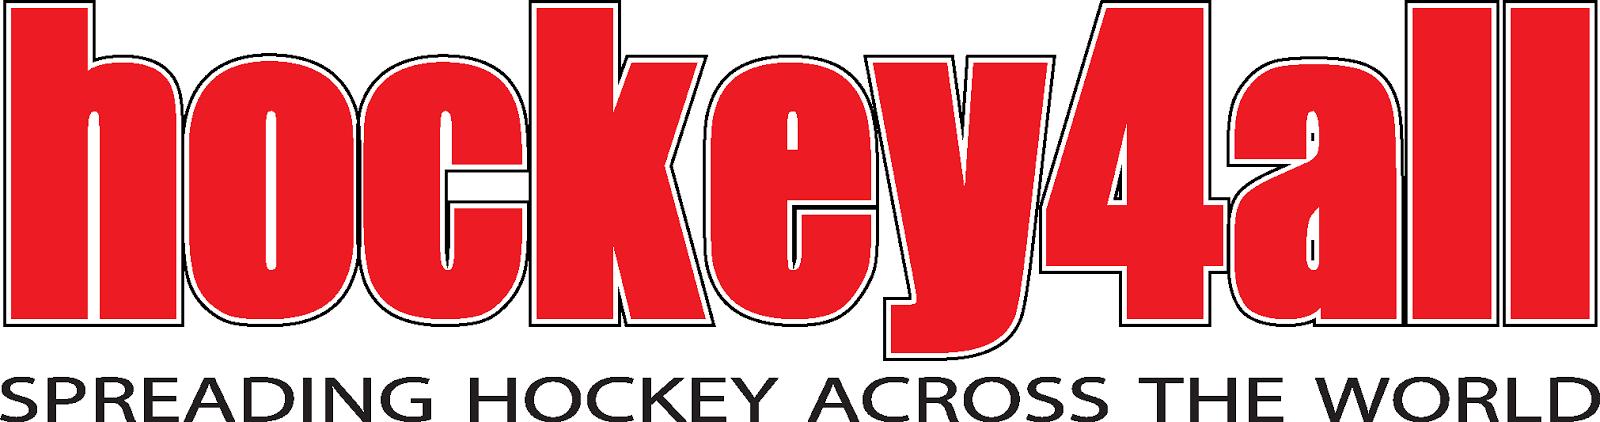 hockey4all